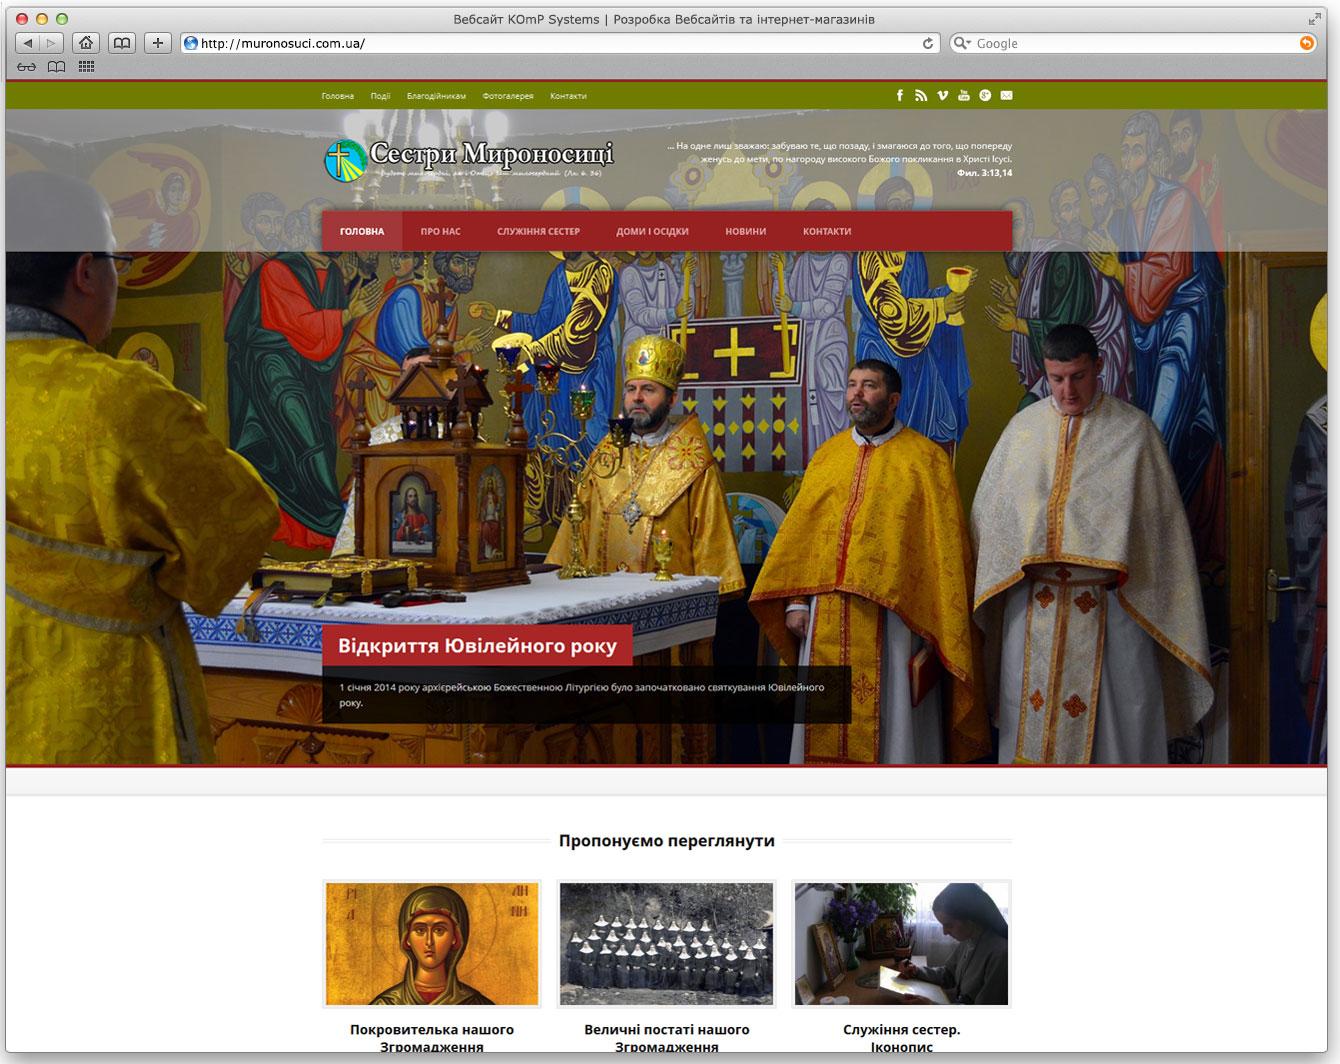 muronosuci_com_ua